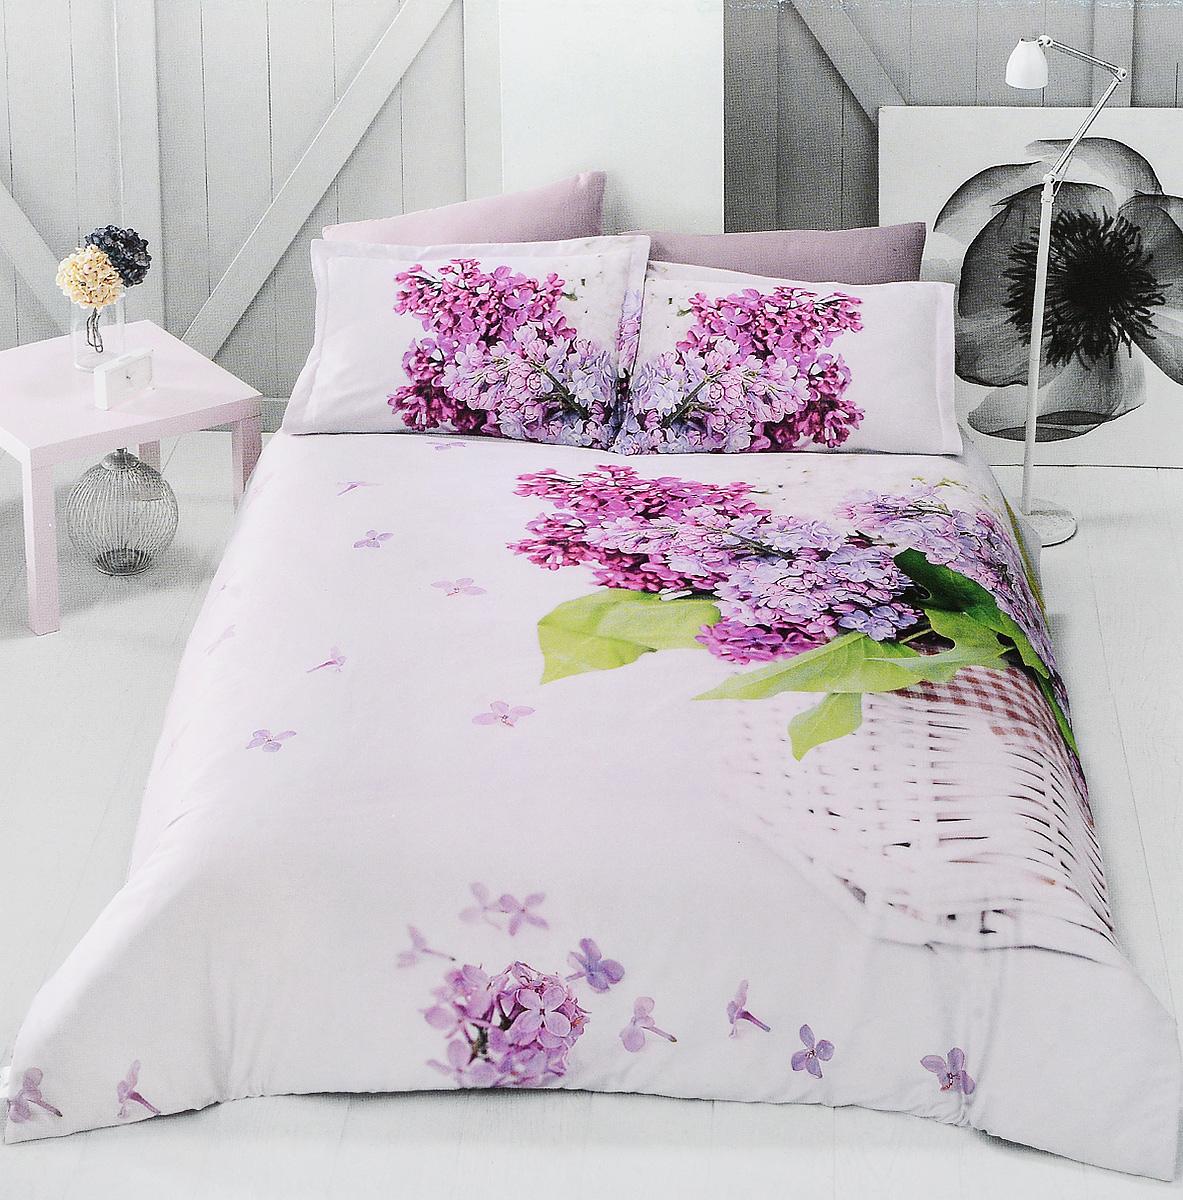 Комплект белья Clasy Lilac, евро, наволочки 50х70, цвет: розовый, фуксия